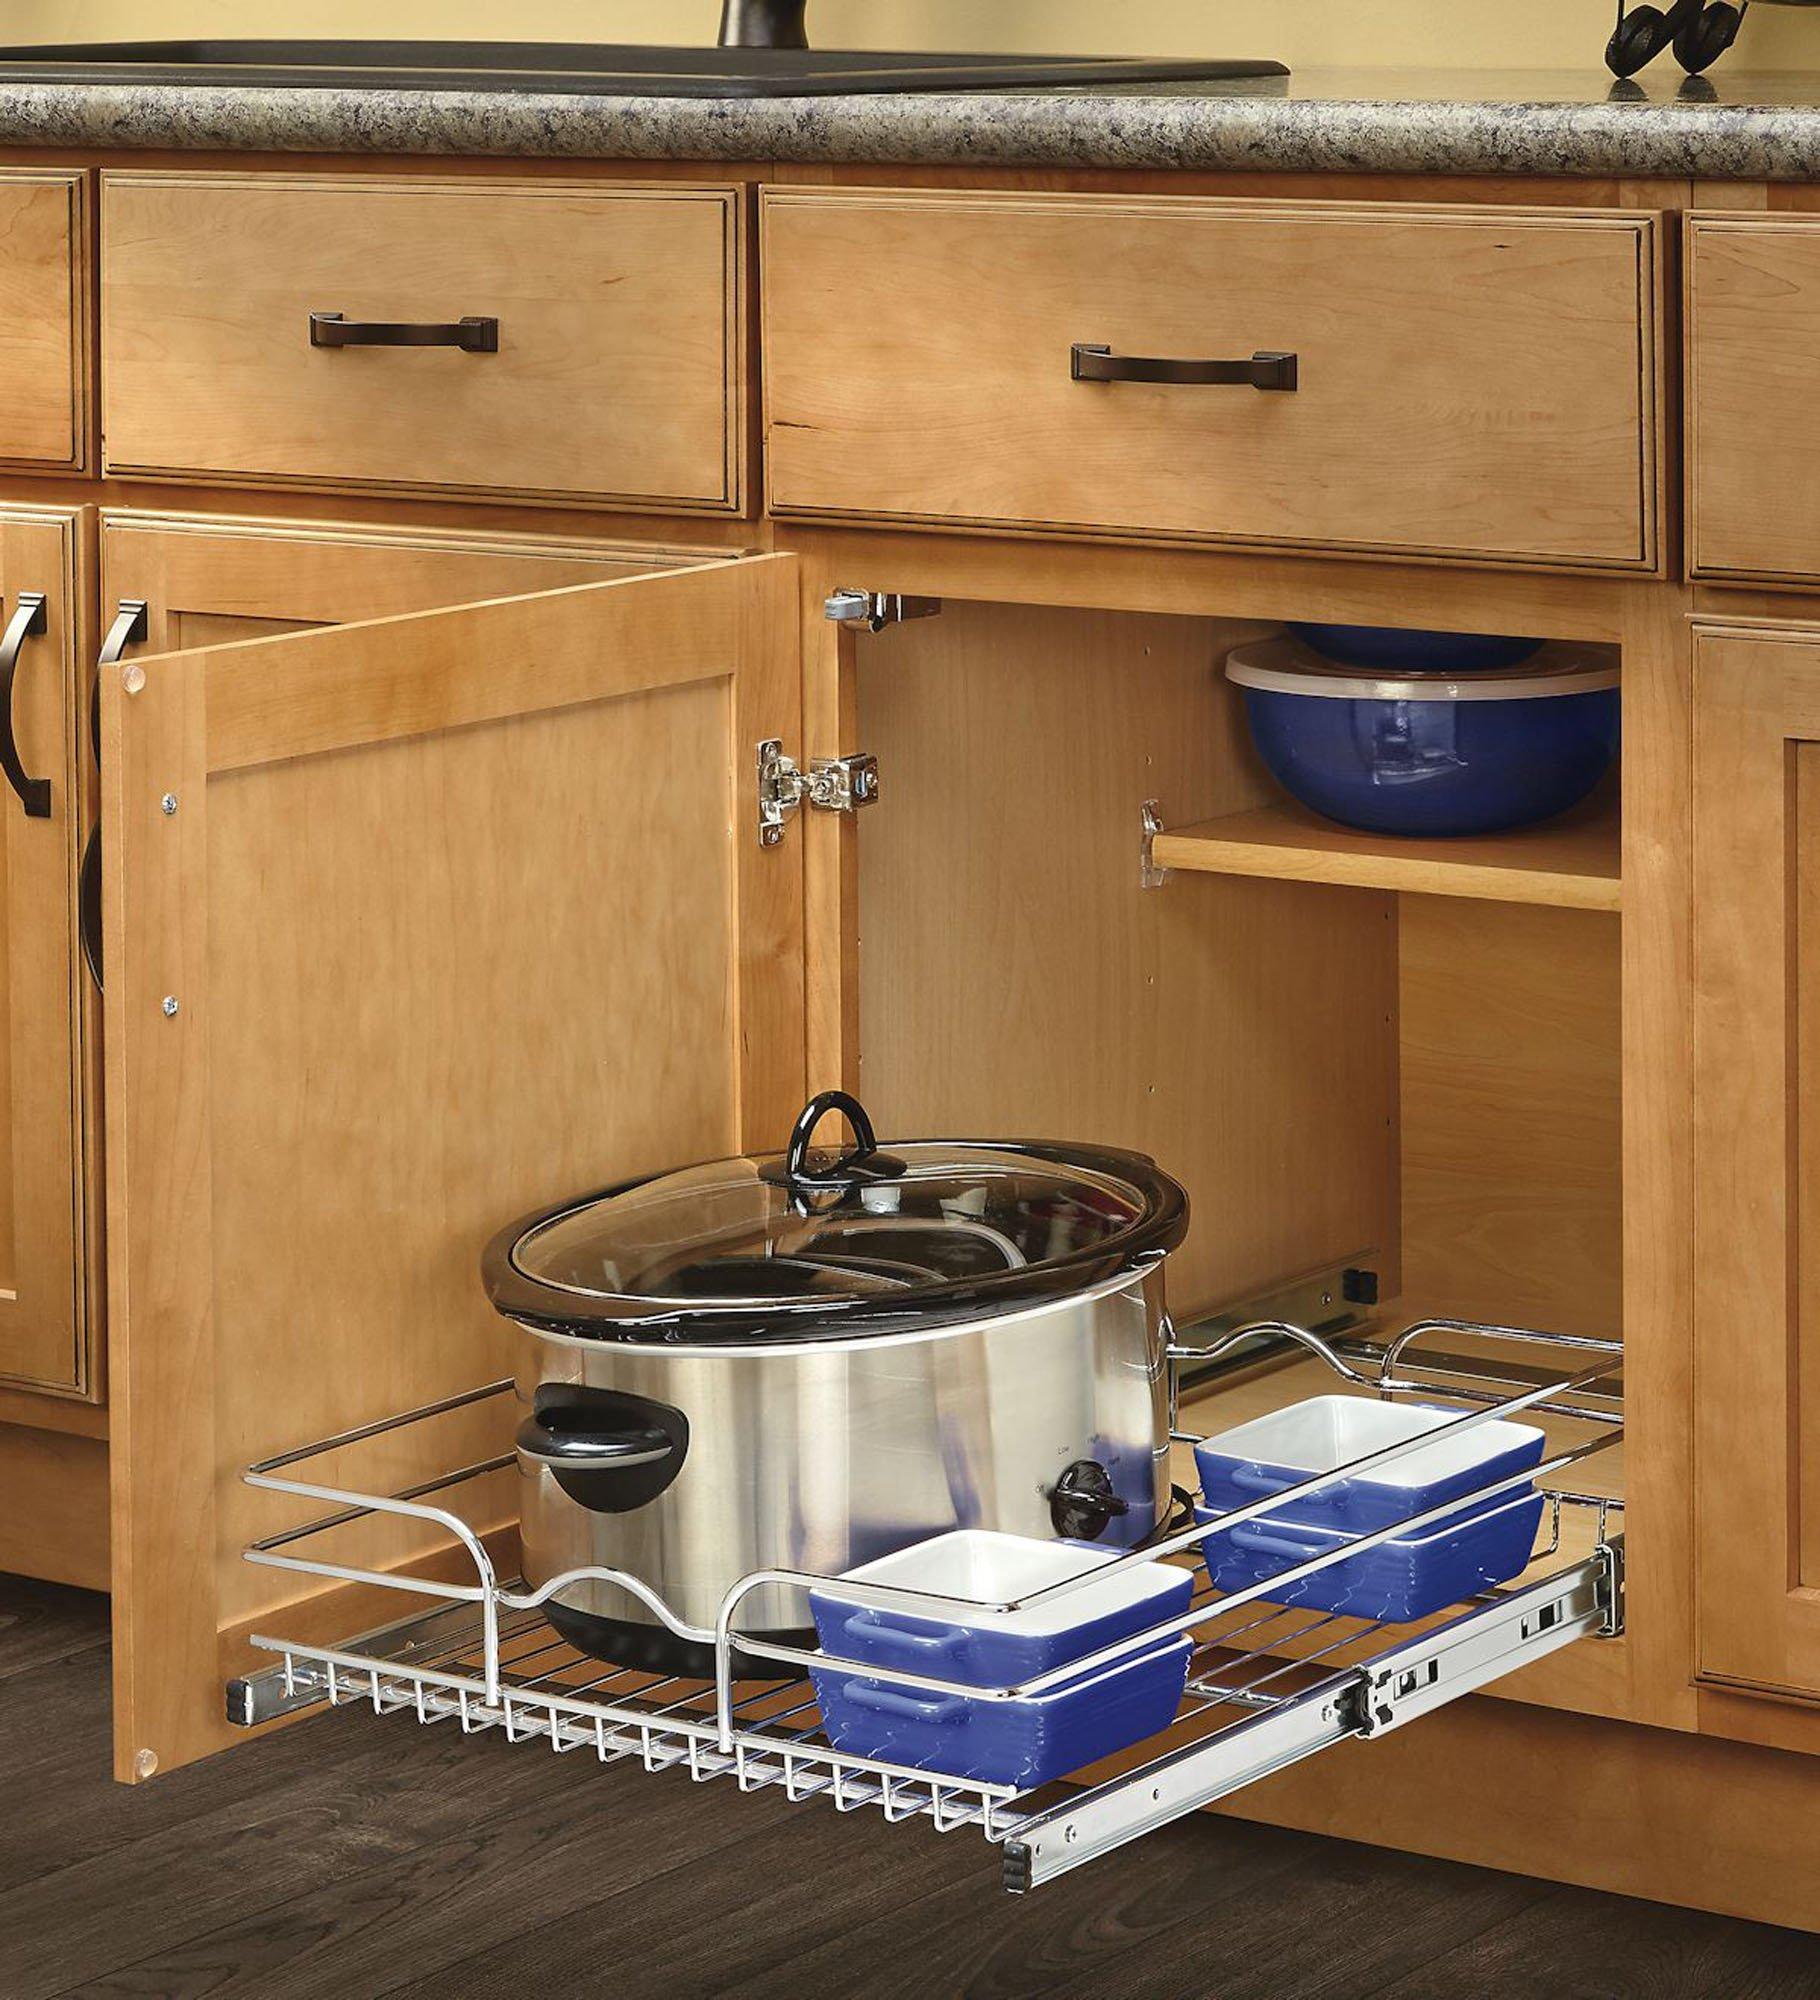 Kitchen Shelf Amazon: Best Rated In Kitchen Storage & Organization & Helpful